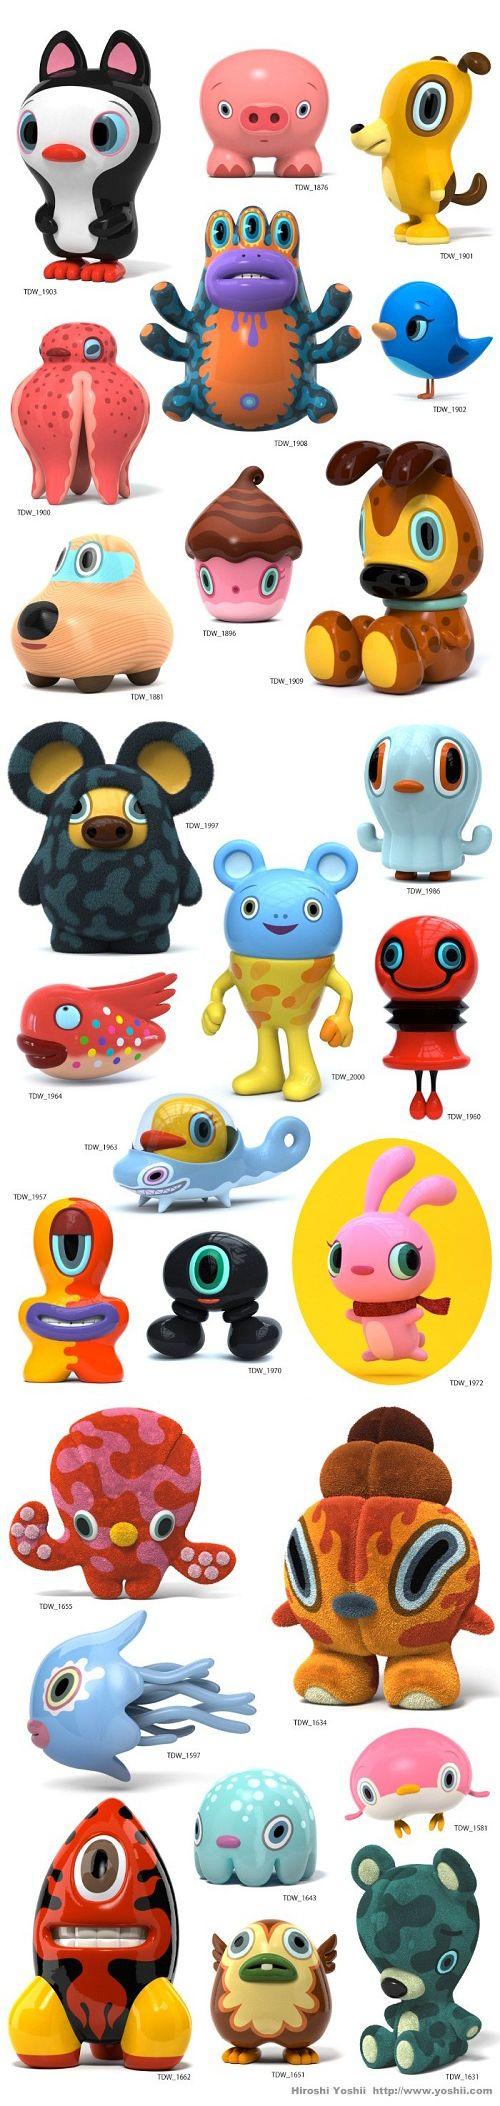 Kawaii toys collection